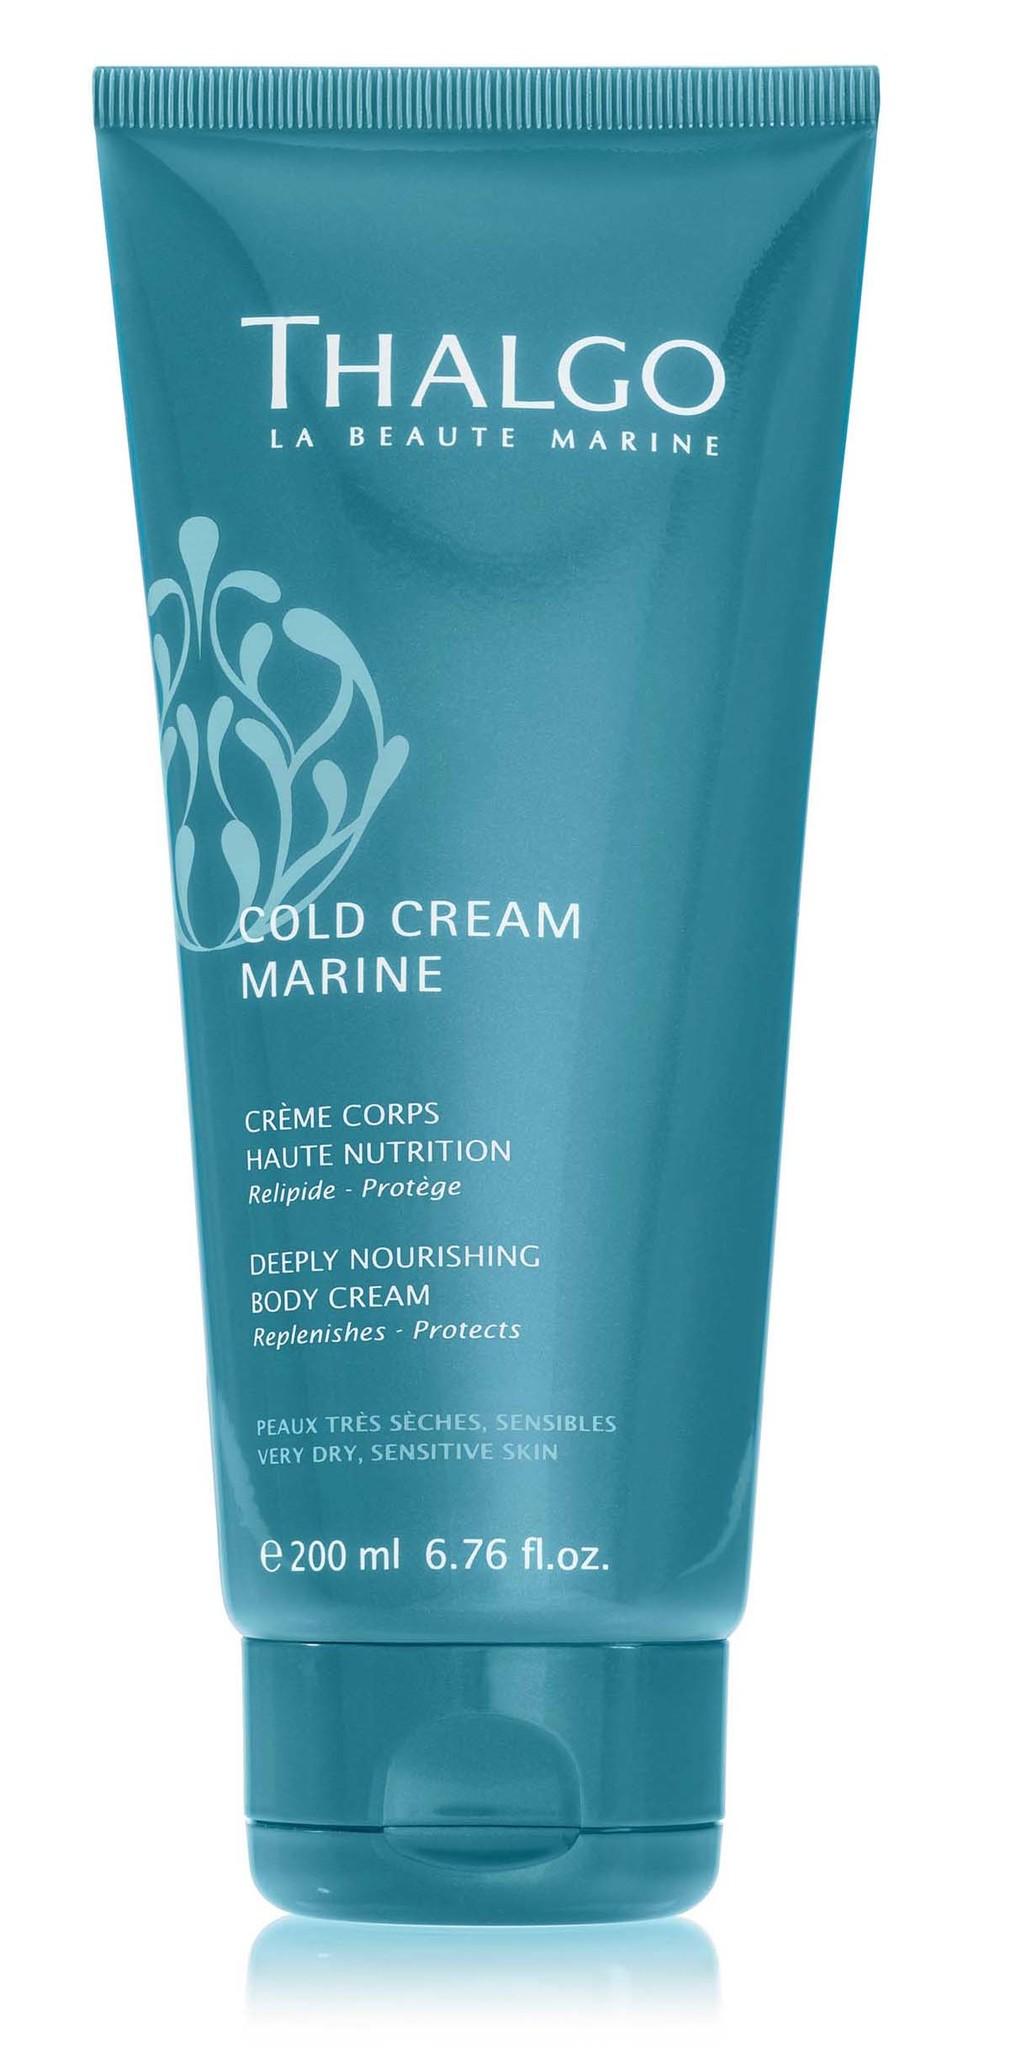 THALGO Крем восстанавливающий насыщенный для тела / Cream Marine Deeply Nourishing Body Cream 200 мл